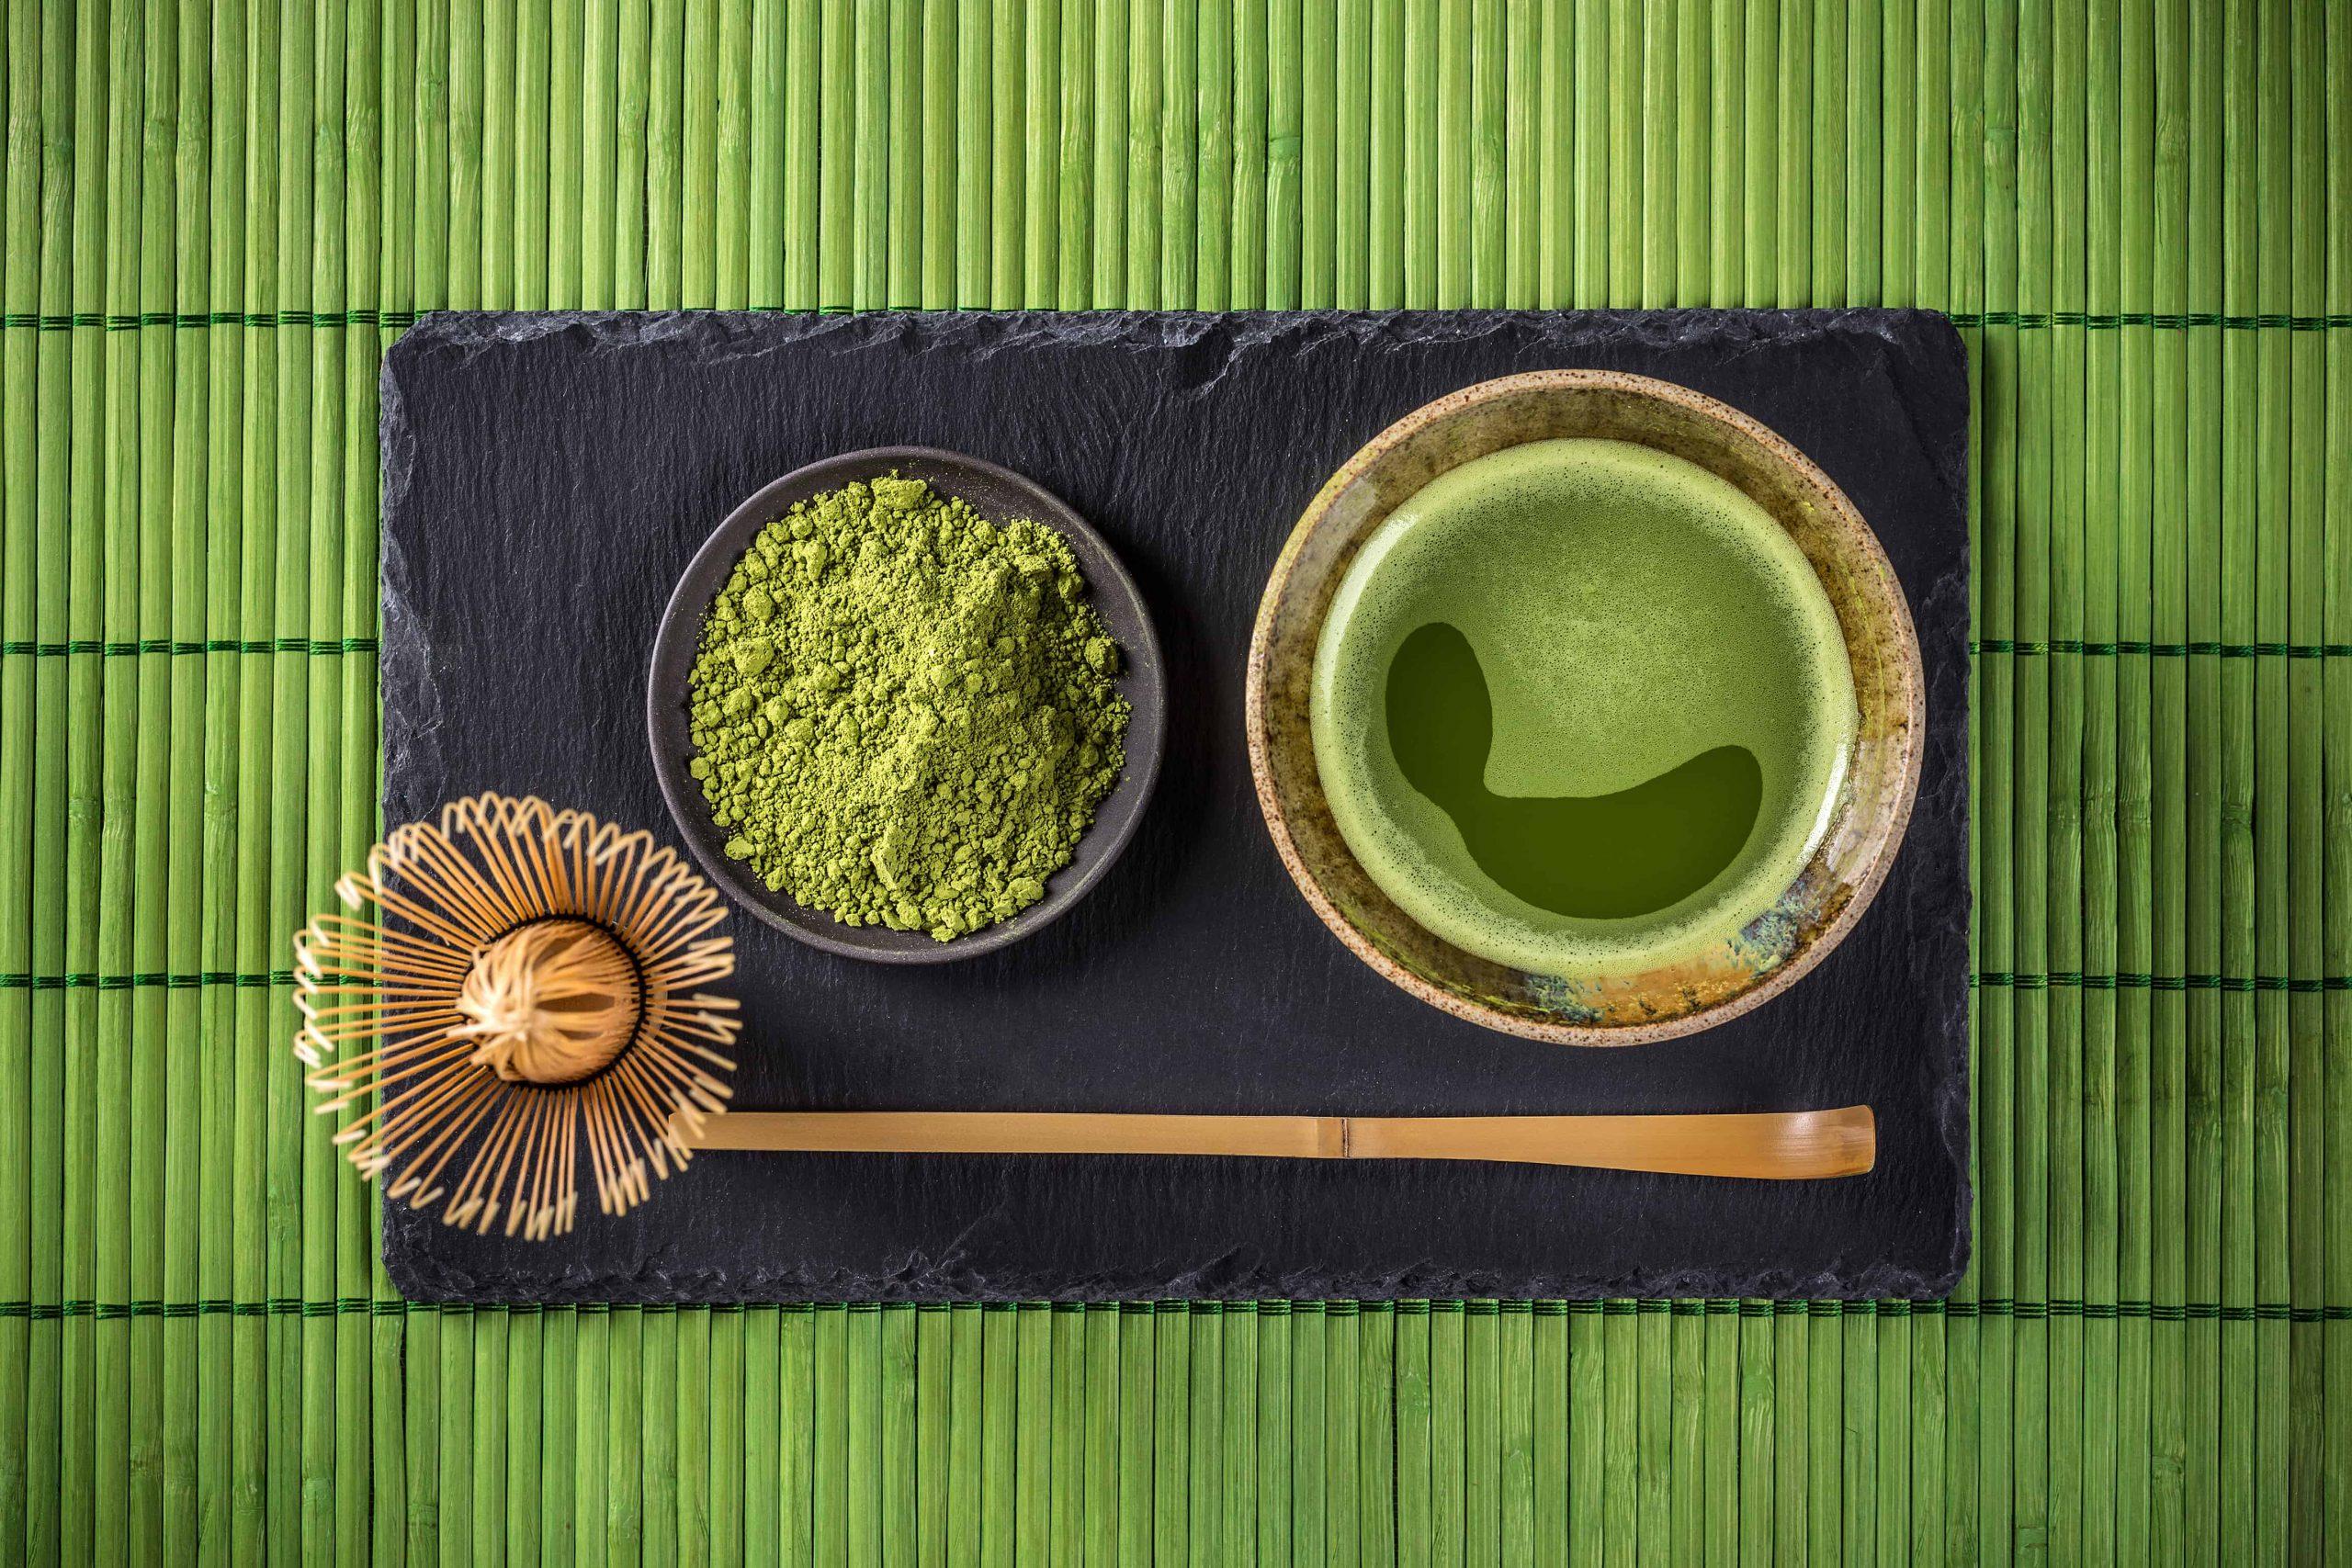 Miglior integratore di teanina 2020: Guida all'acquisto